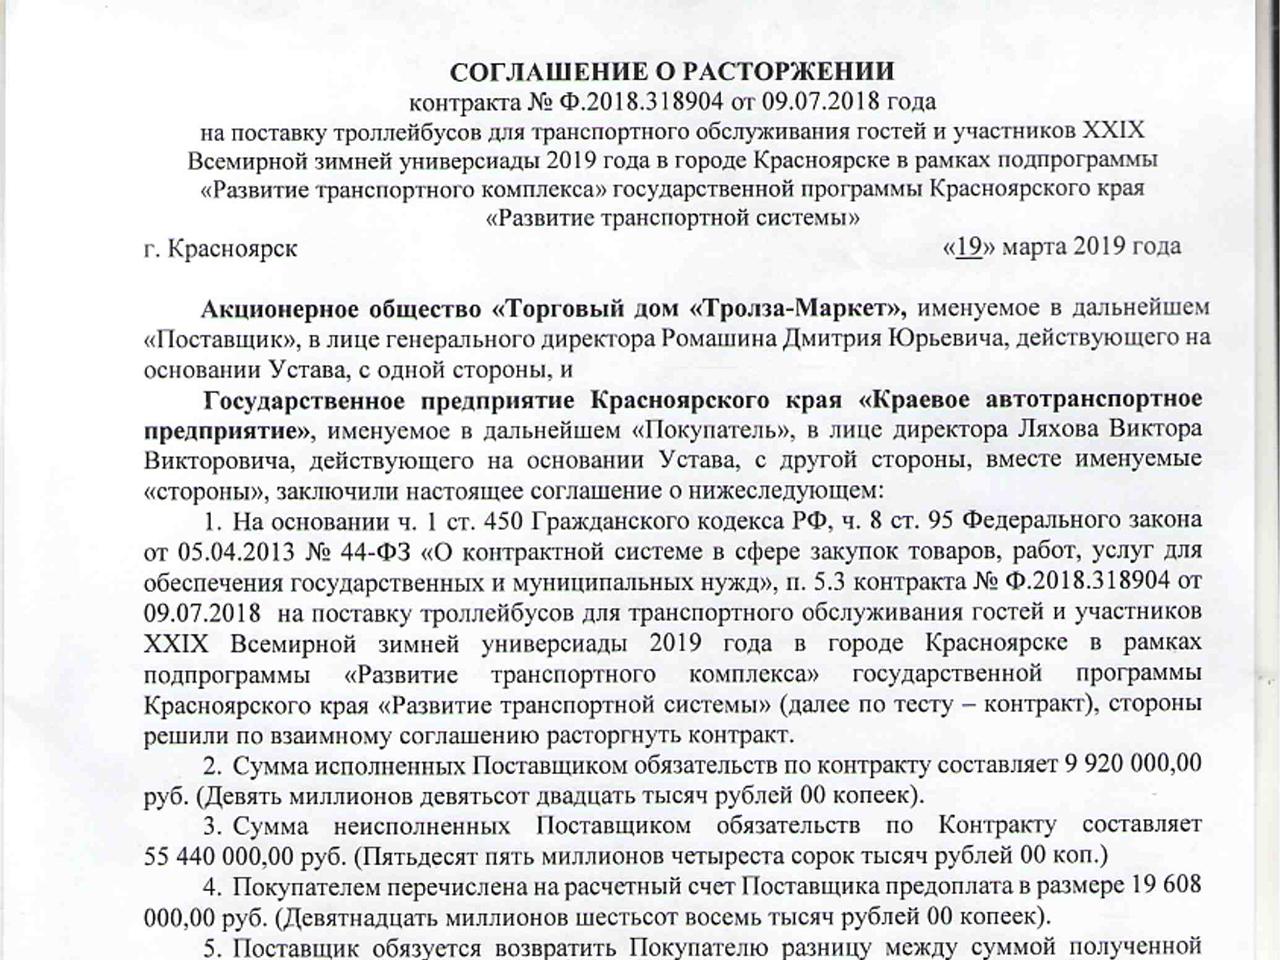 Соглашение о расторжении троллейбусы Красноярск